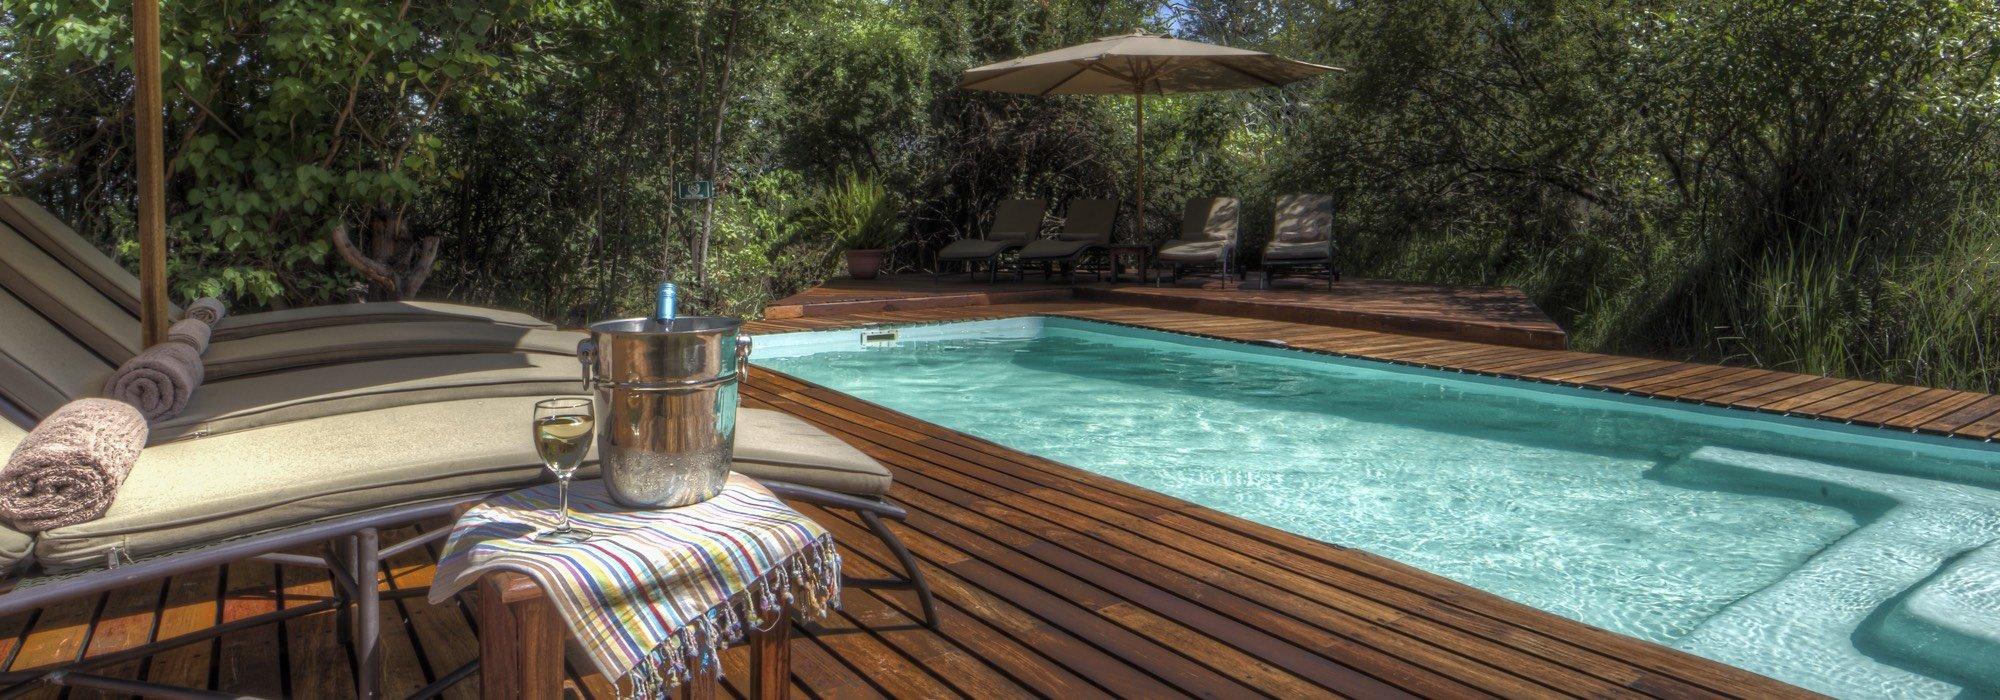 Camp Moremi Pool